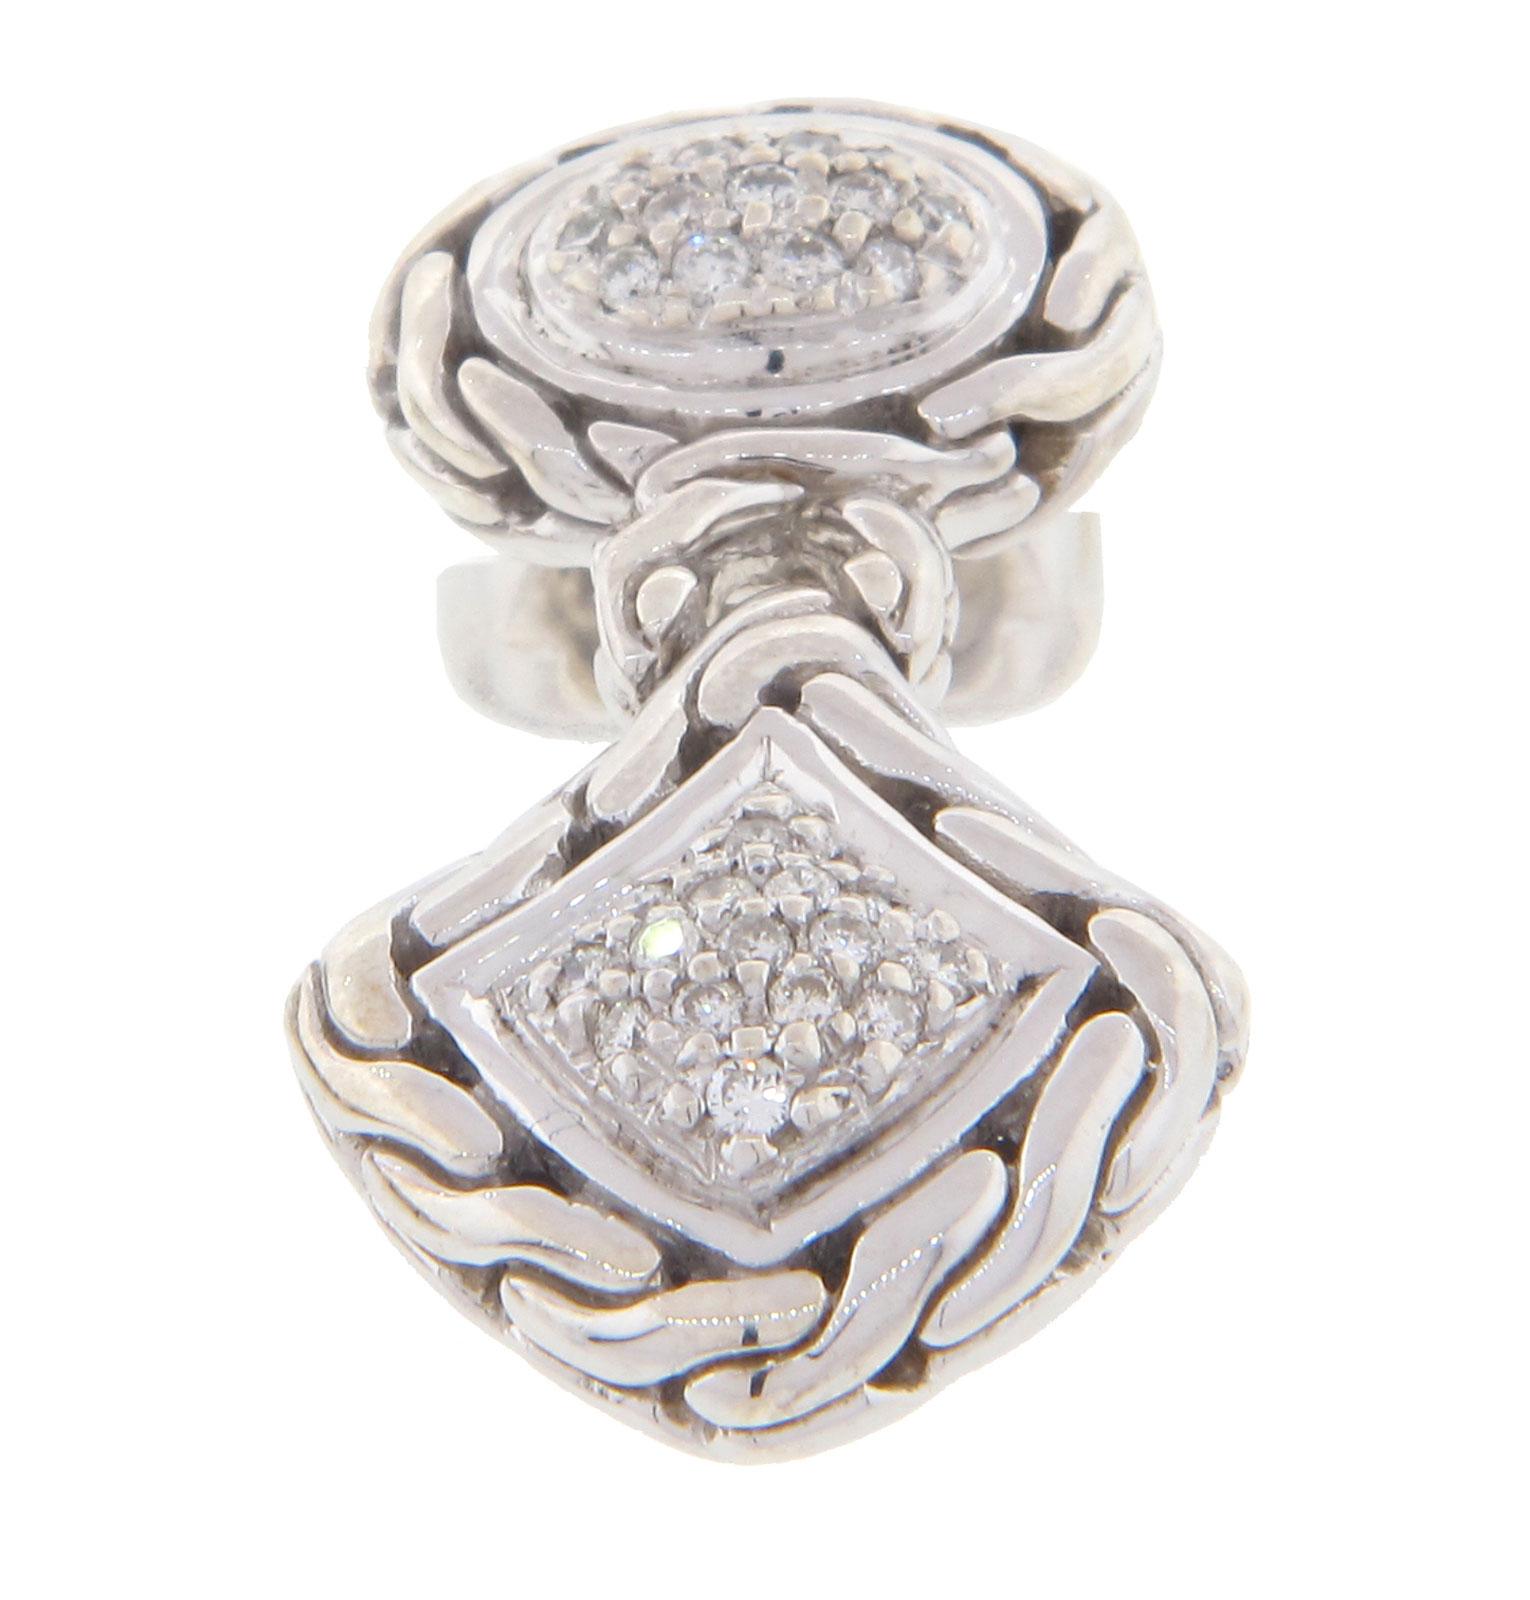 John hardy diamond drop earrings ebay for John hardy jewelry earrings